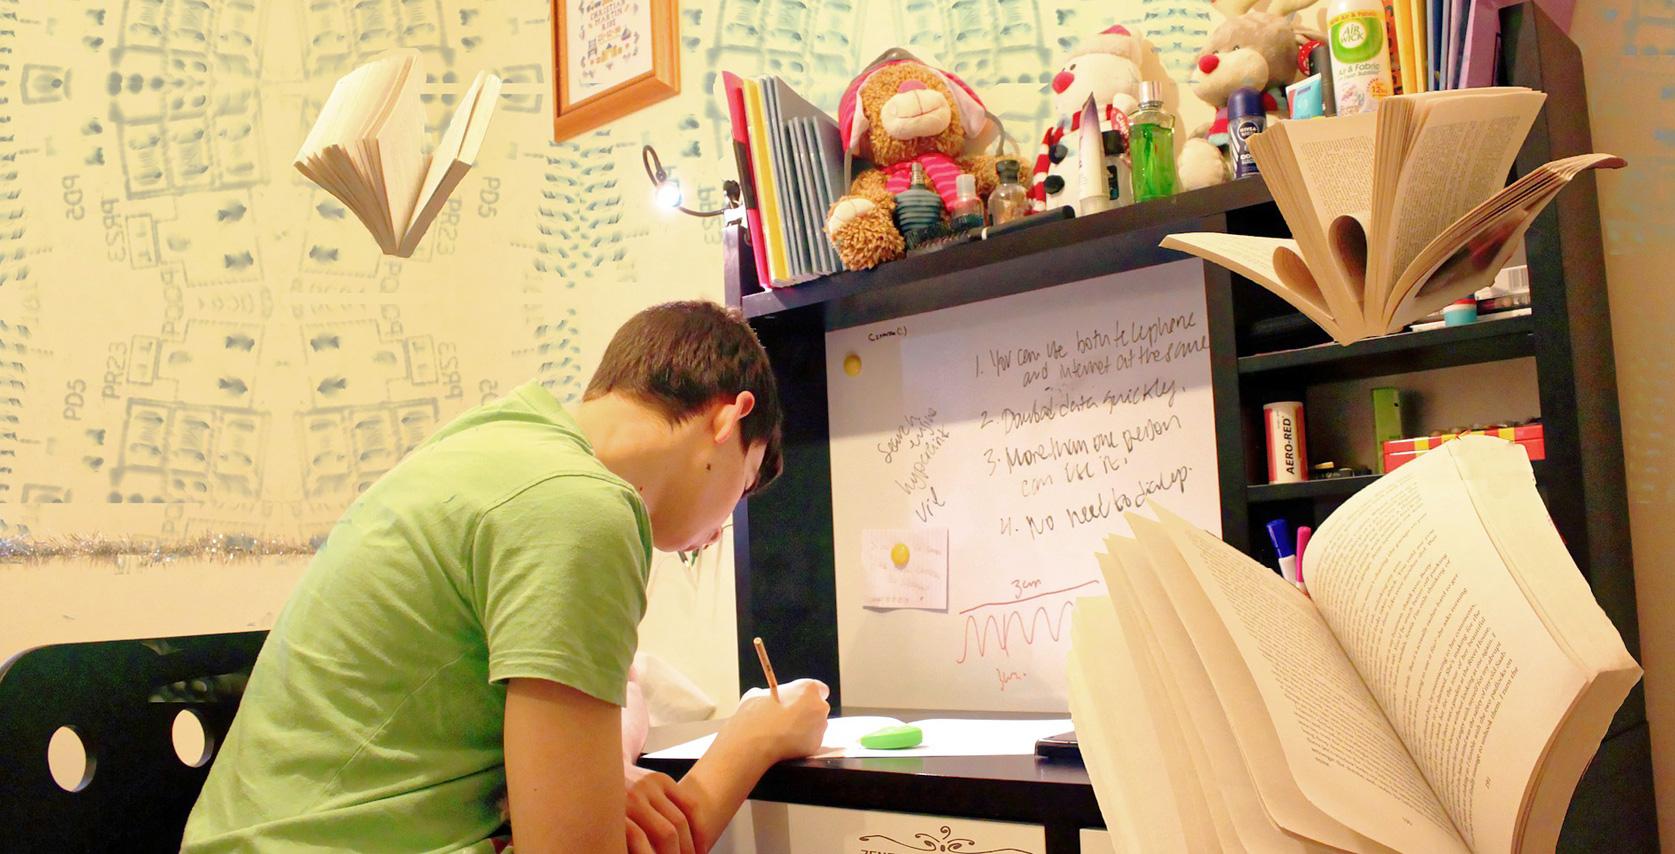 勉強はやる気が全て 勉強のやる気を引き出す方法10選 Bauhutte